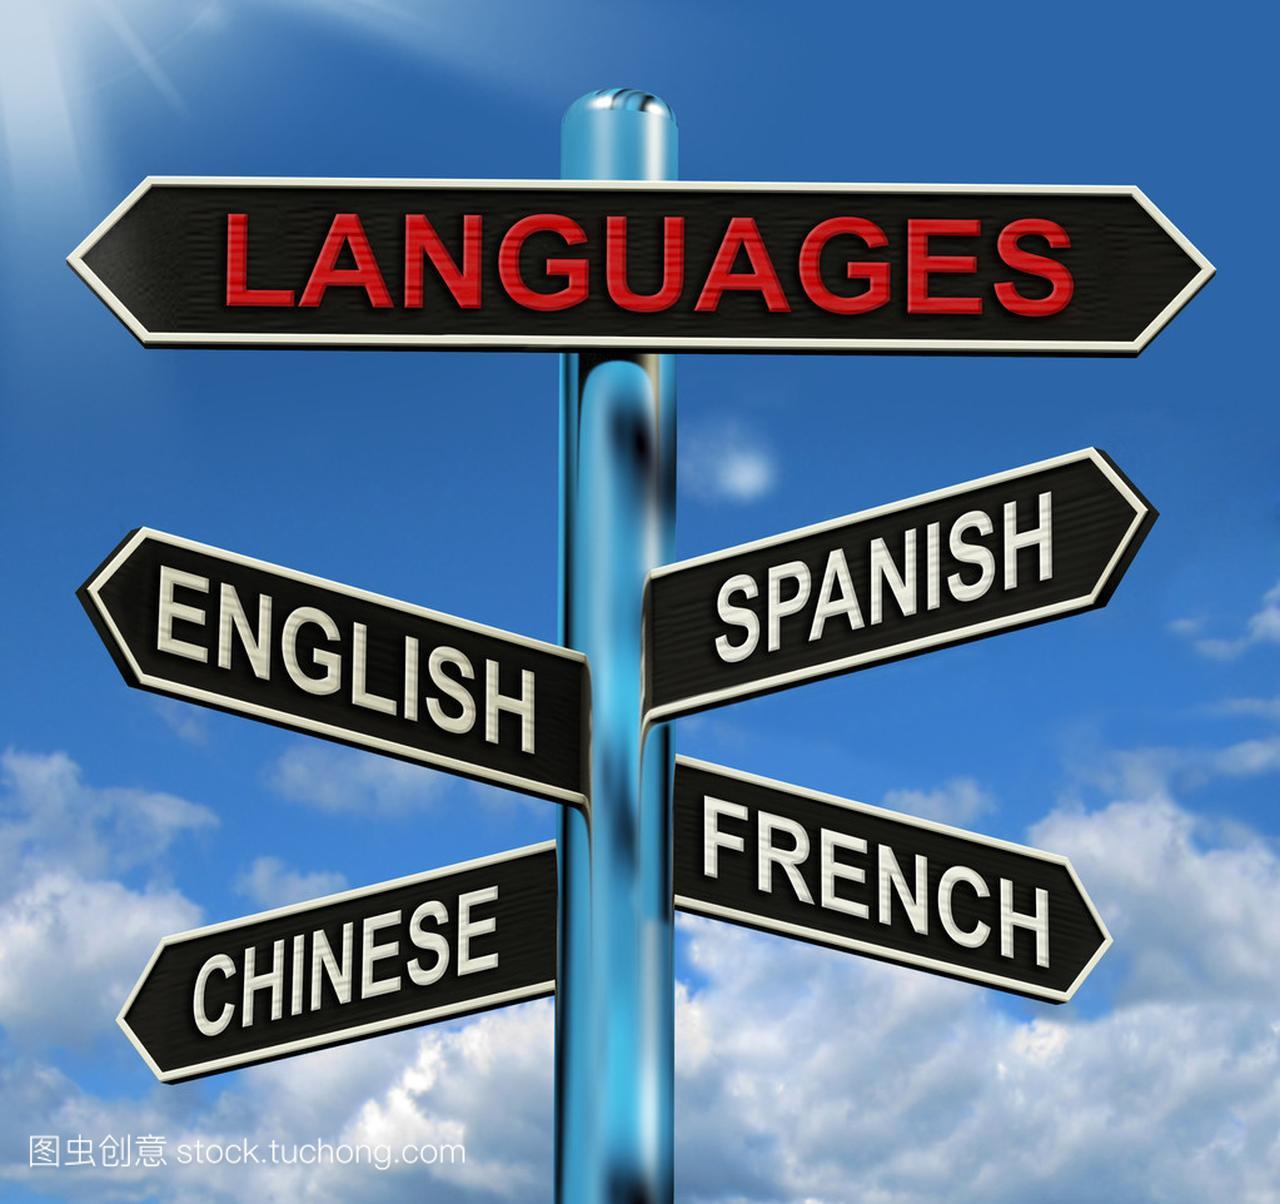 语言路标意味着中国英语\/西班牙语和法语